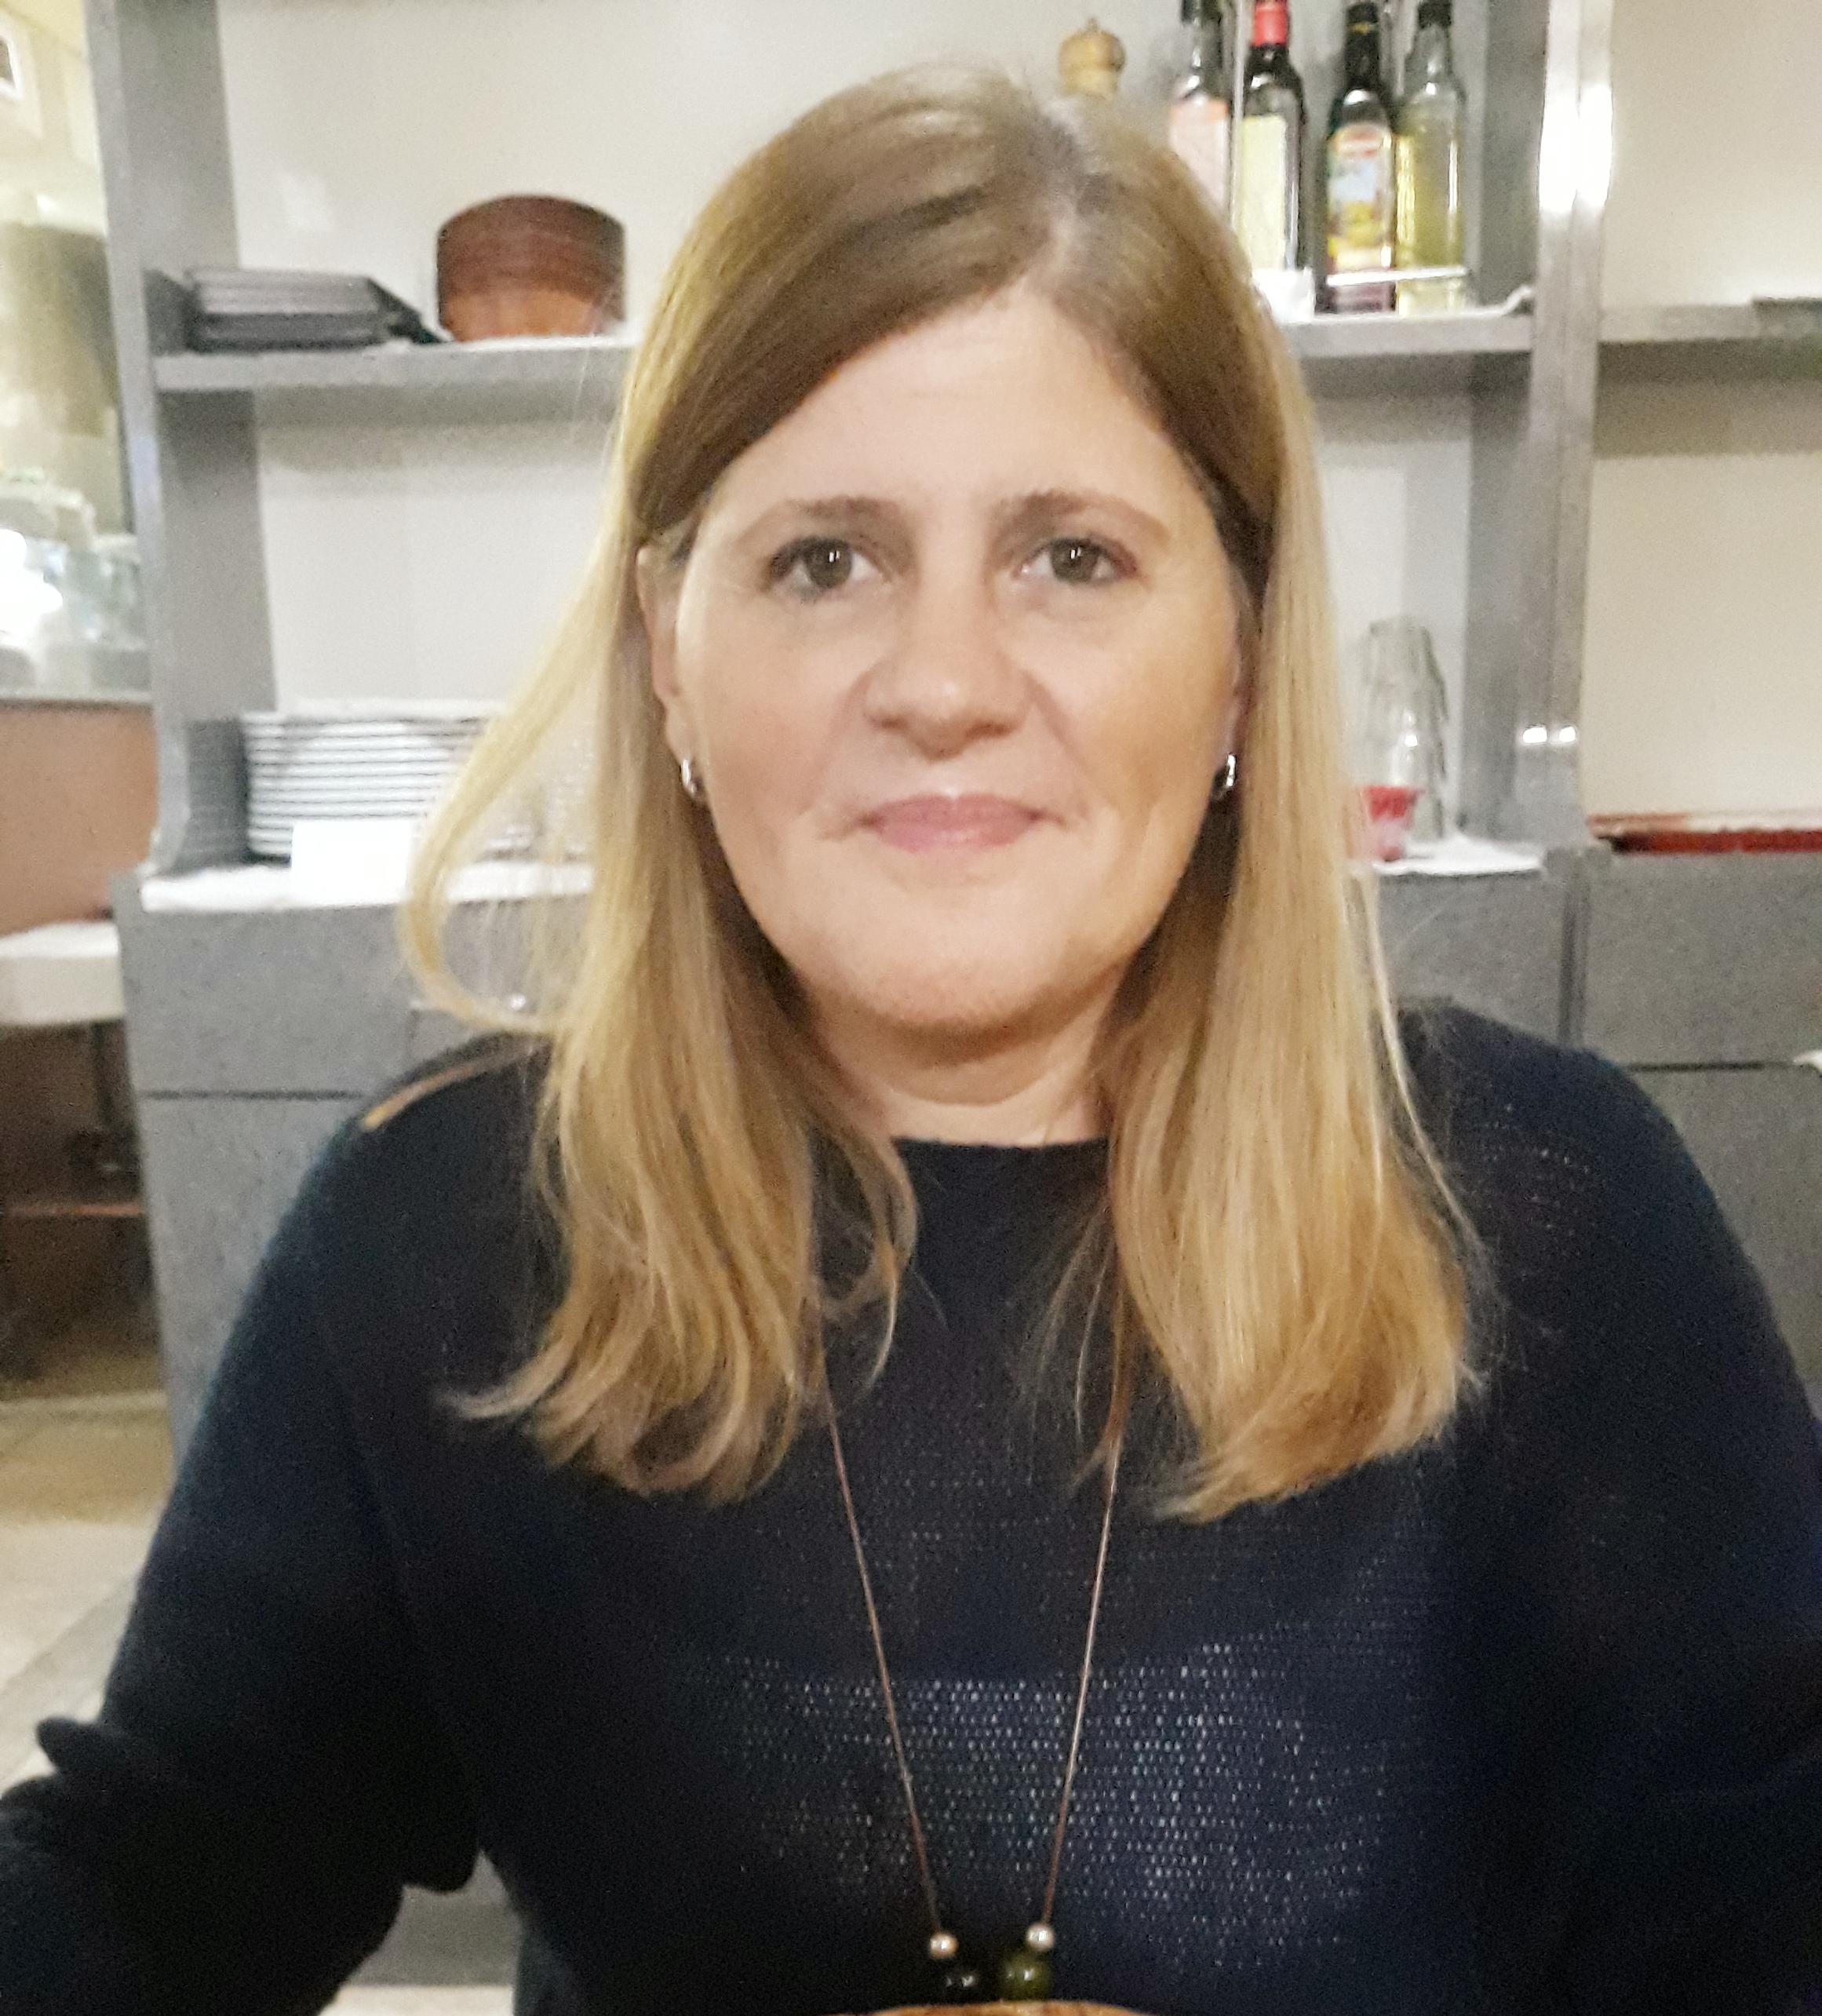 Nadia Blasi